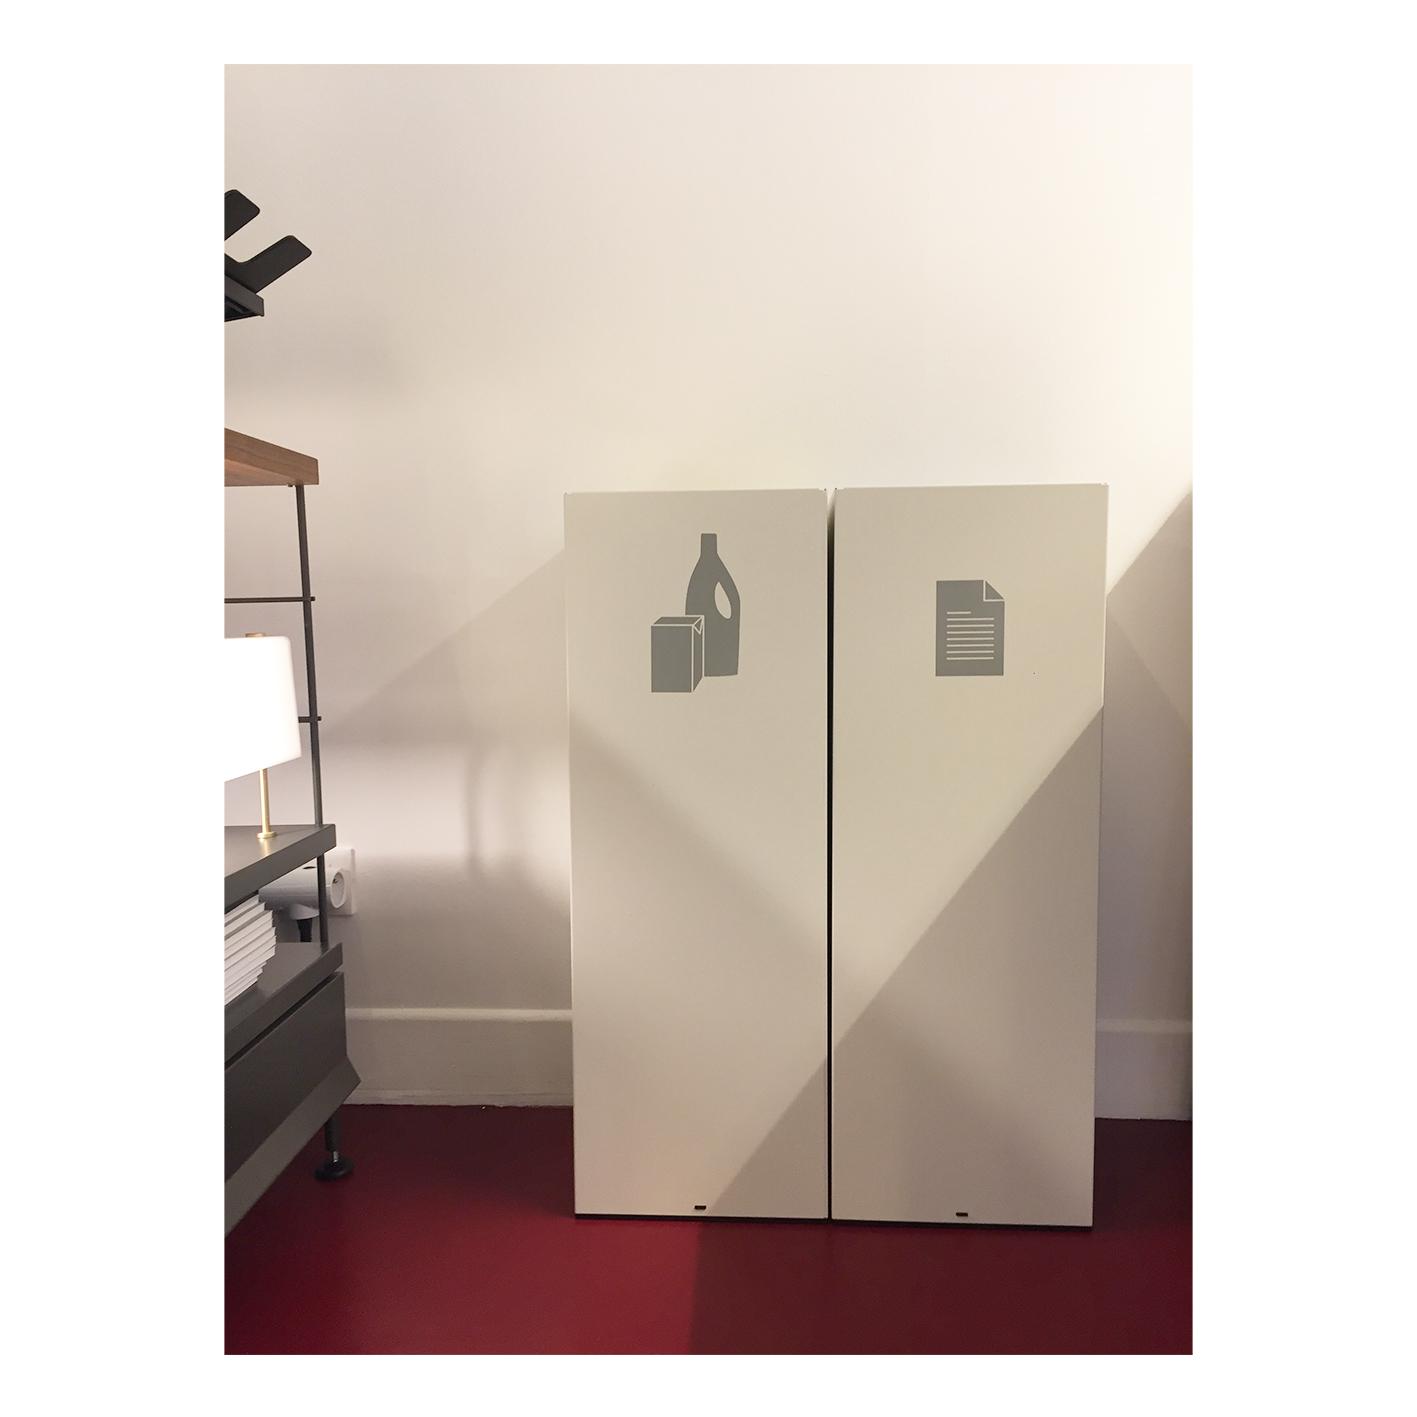 MOBLES114 NVT 04.11.19 11